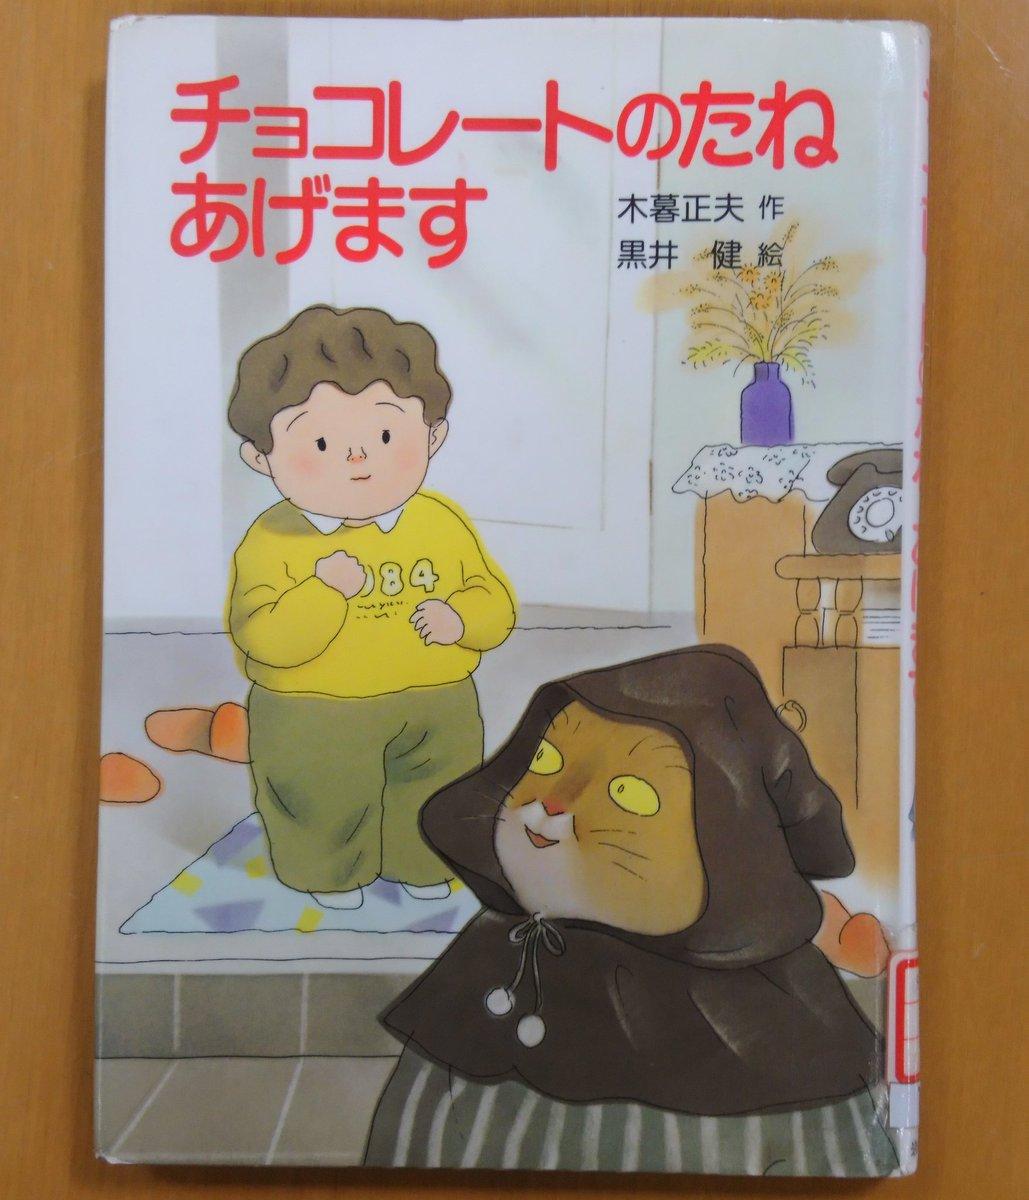 """猫ノ図書館 в Twitter: """"ねこ館長秘書オススメ『チョコレートのたね ..."""